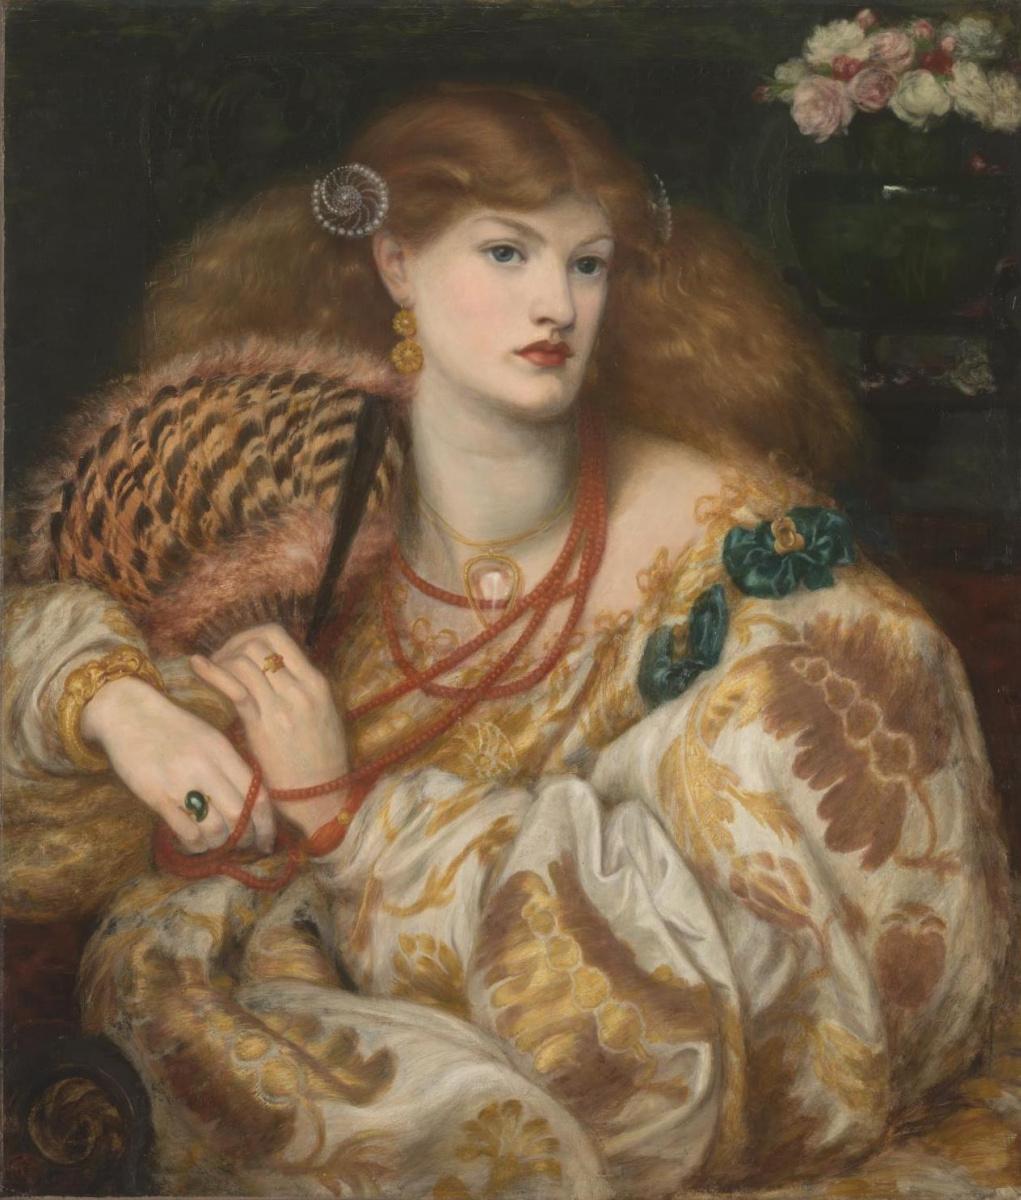 Dante Gabriel Rossetti. Monna Vanna